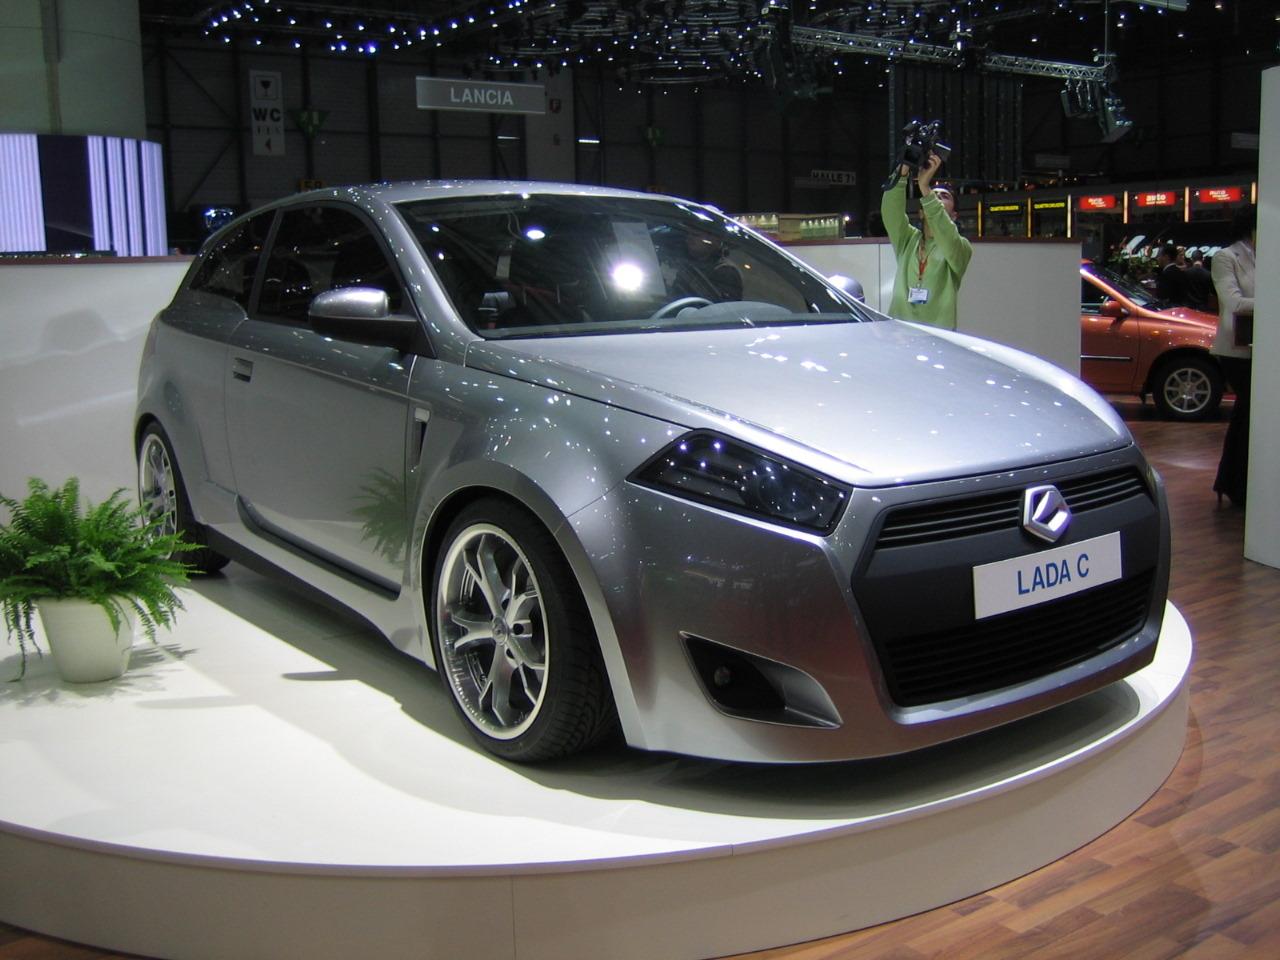 Lada C concept